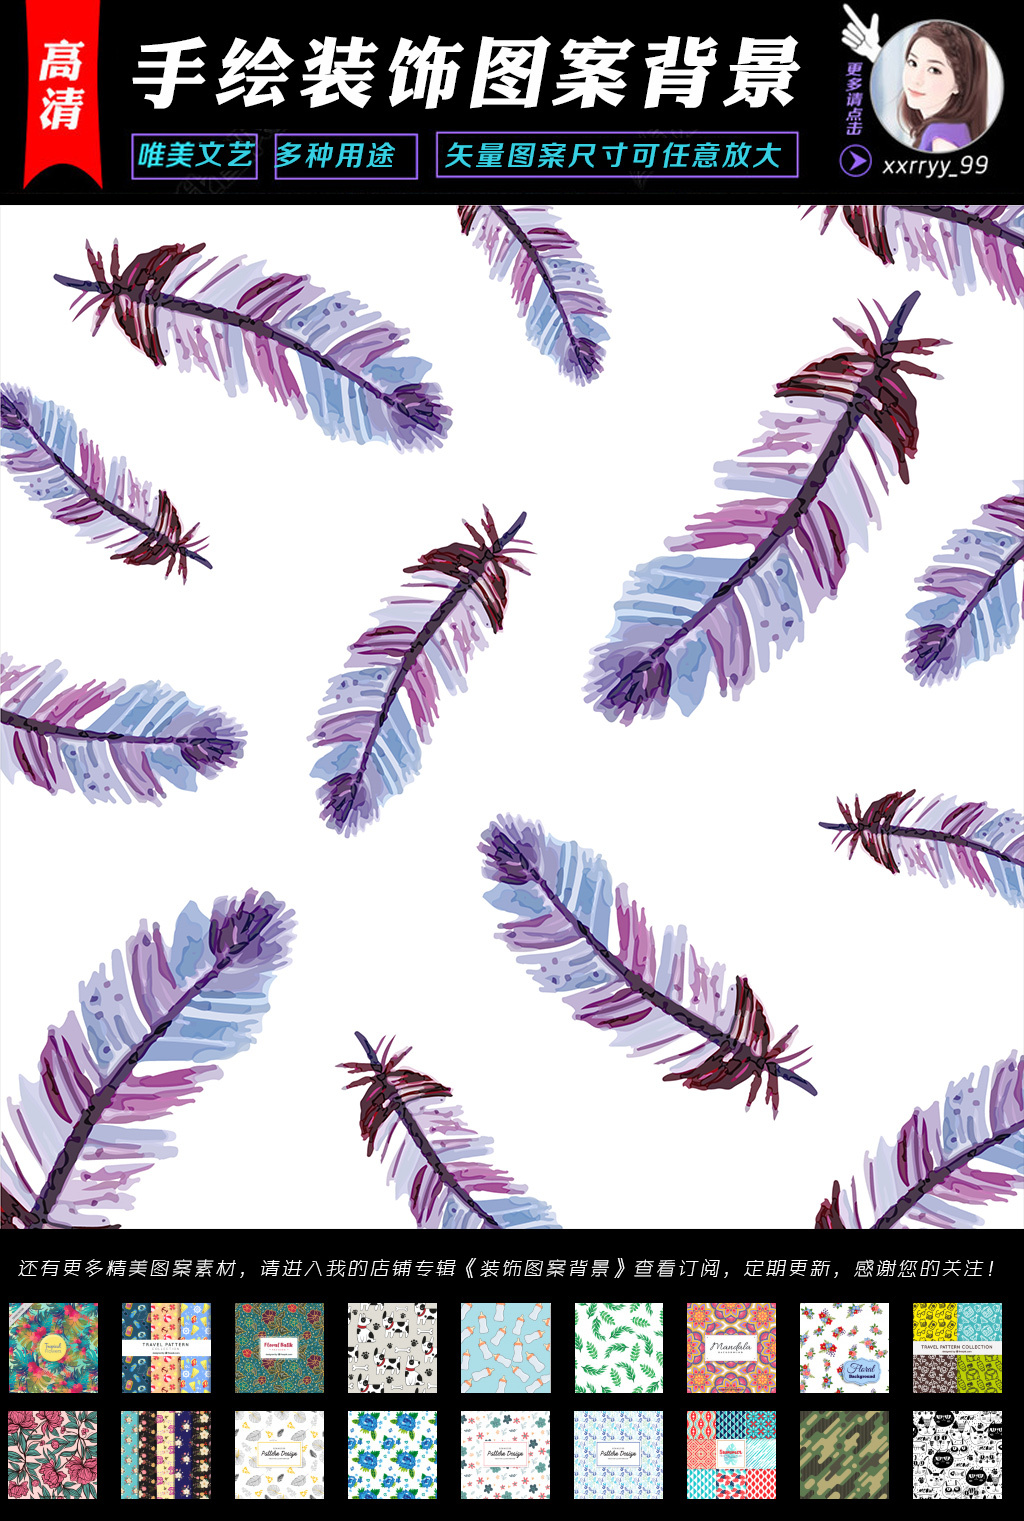 手绘多彩羽毛图案背景衬衫裙子印花布料图案